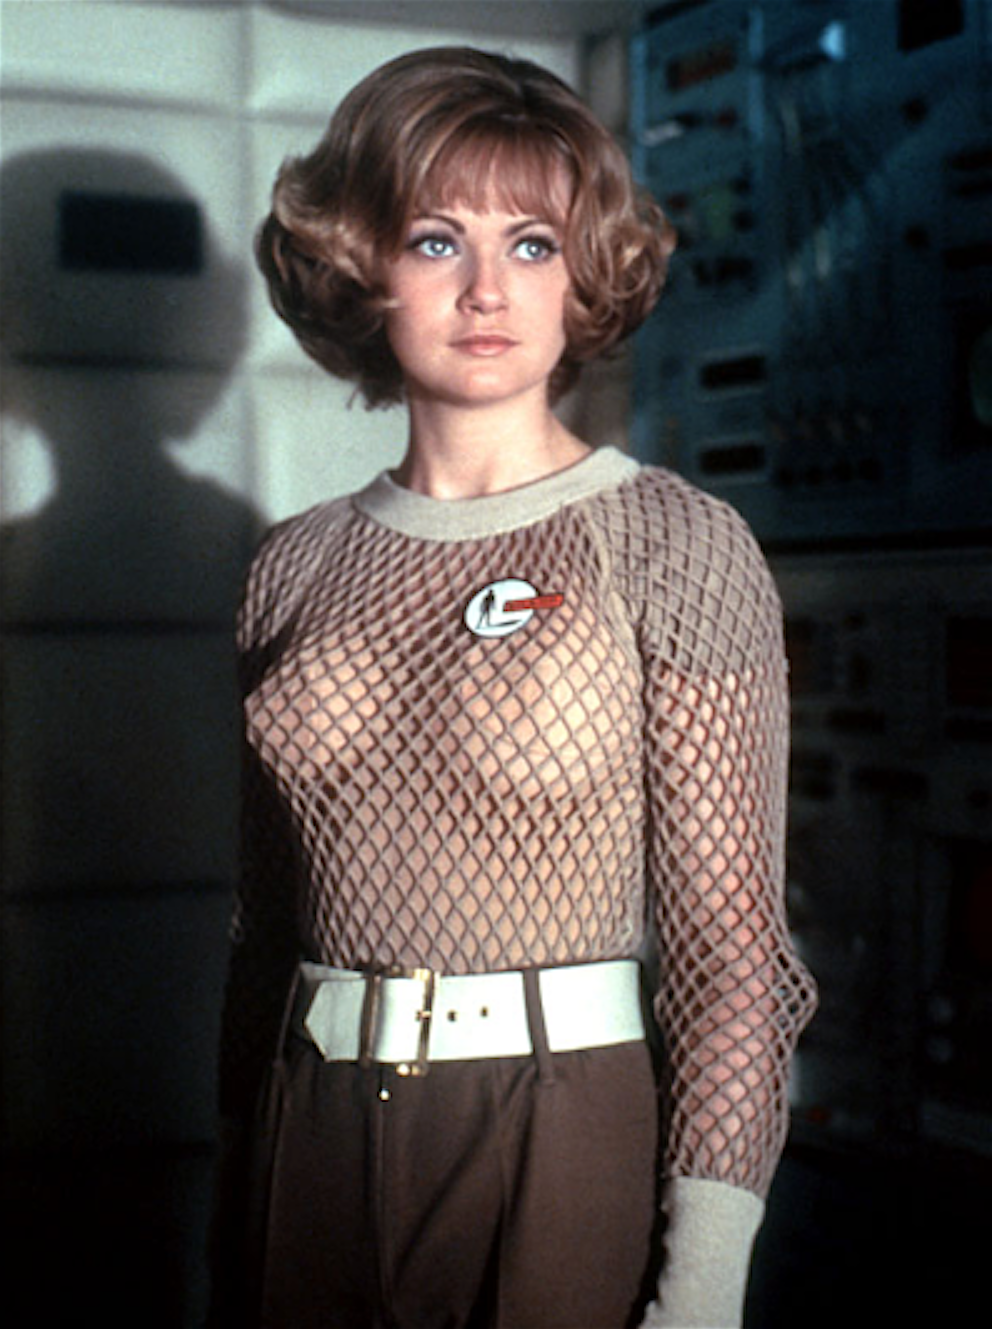 La Terra è l'unico pianeta abitato? Ufo-serie-tv-anni-70